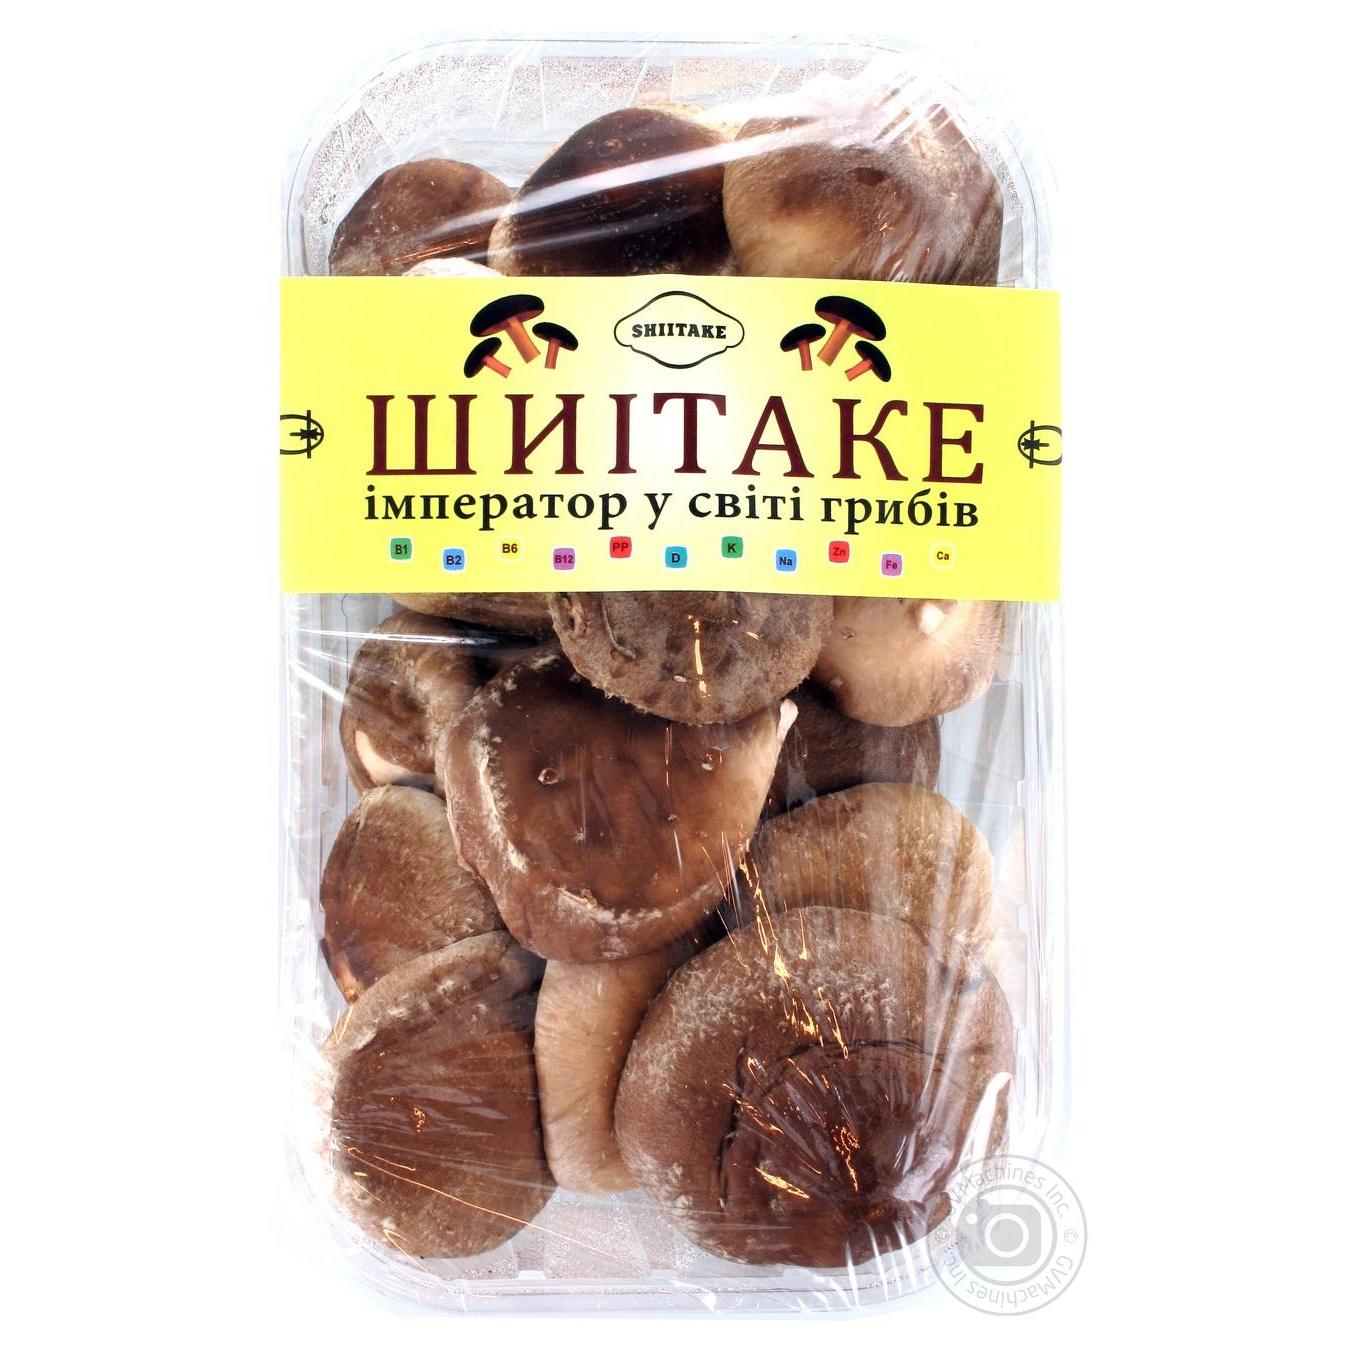 Шиитаке Shiitake 200г